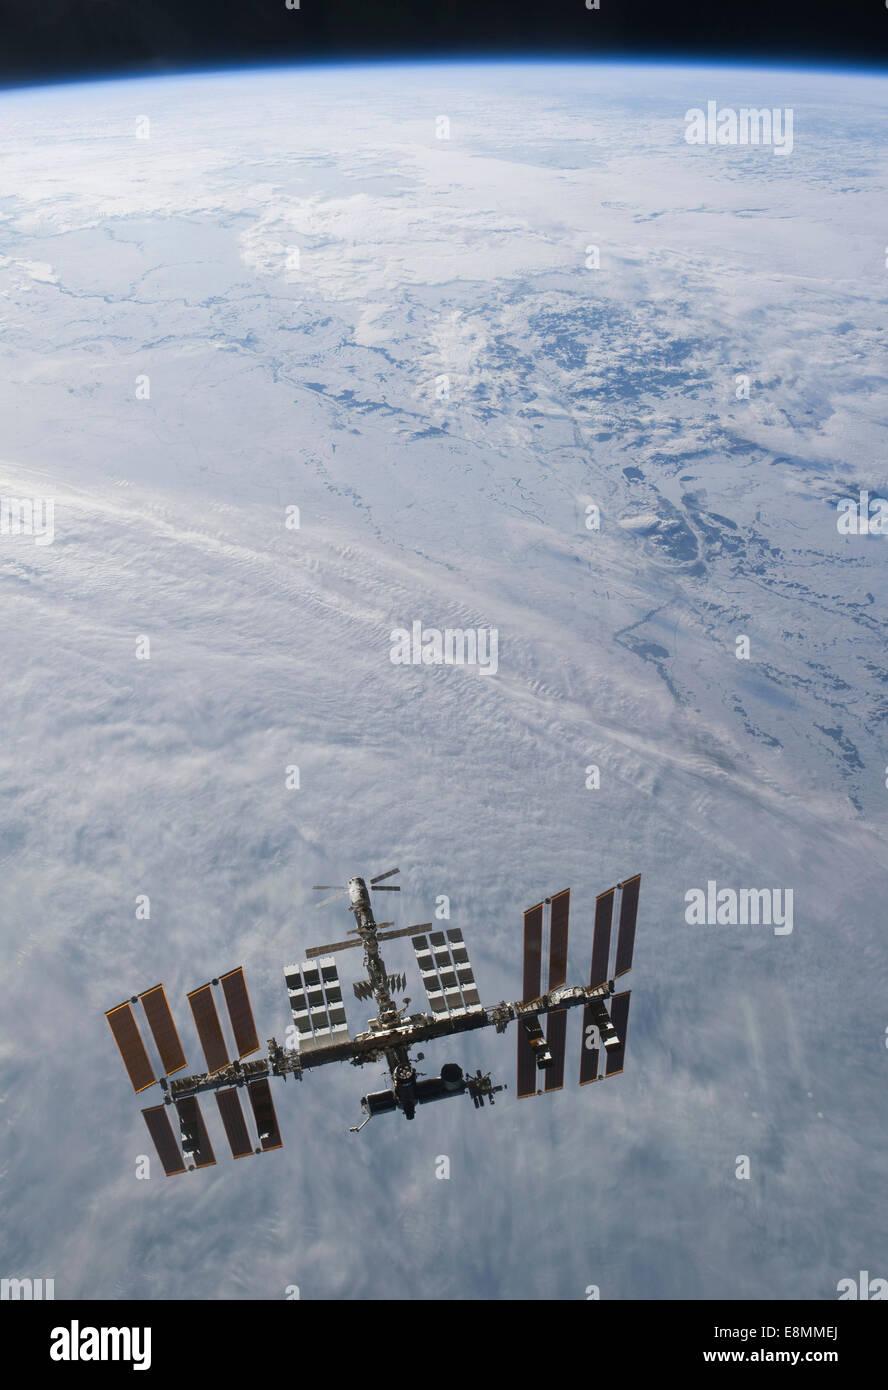 7 mars 2011 - La Station spatiale internationale backdropped contre nuages sur Terre. Photo Stock